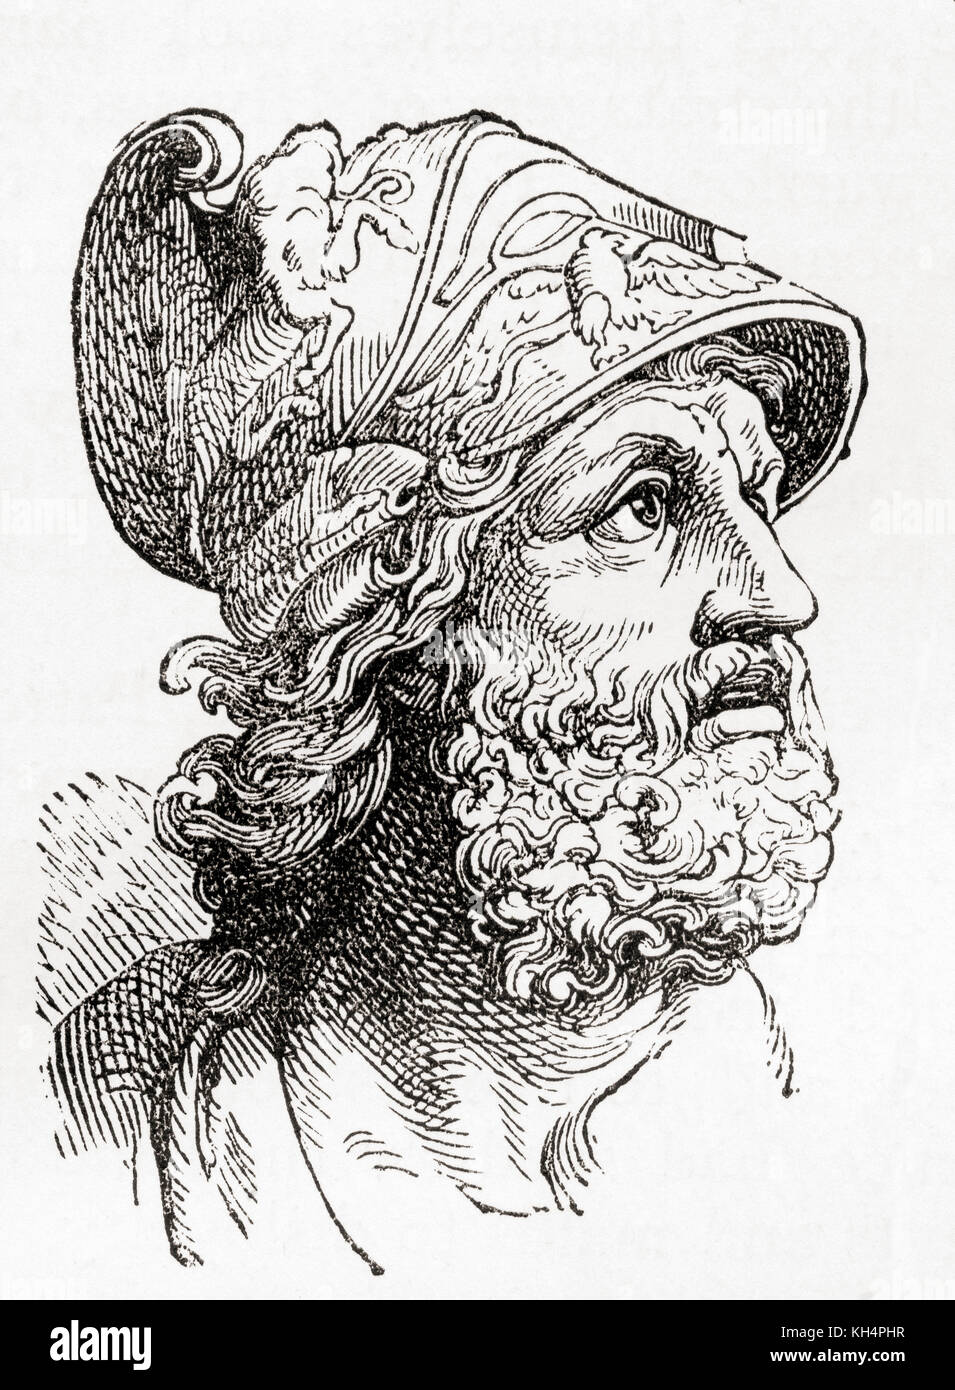 Menelaus. selon la mythologie grecque, était un roi ménélas de pré-mycénienne (Dorian) Photo Stock